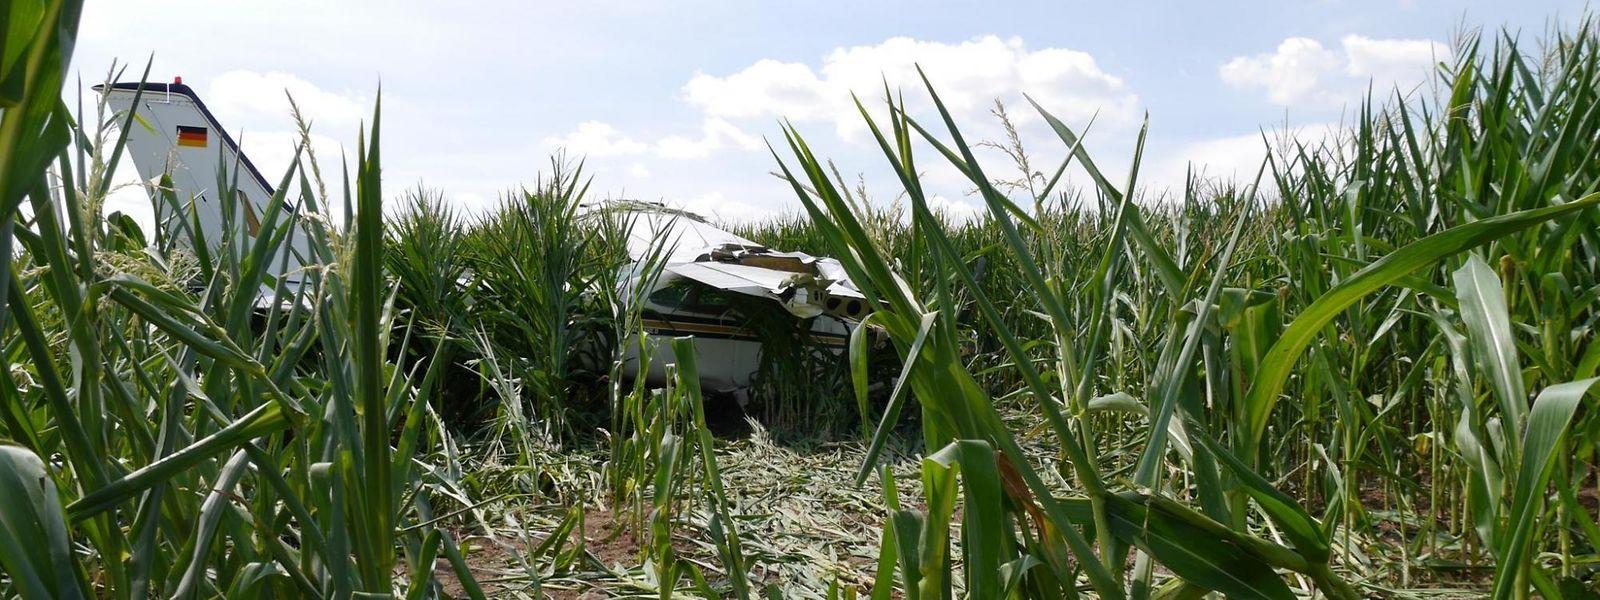 Das Flugzeug fiel in ein Maisfeld zwischen dem Flugplatz Bitburg und dem Bitburger Stadtteil Mötsch.